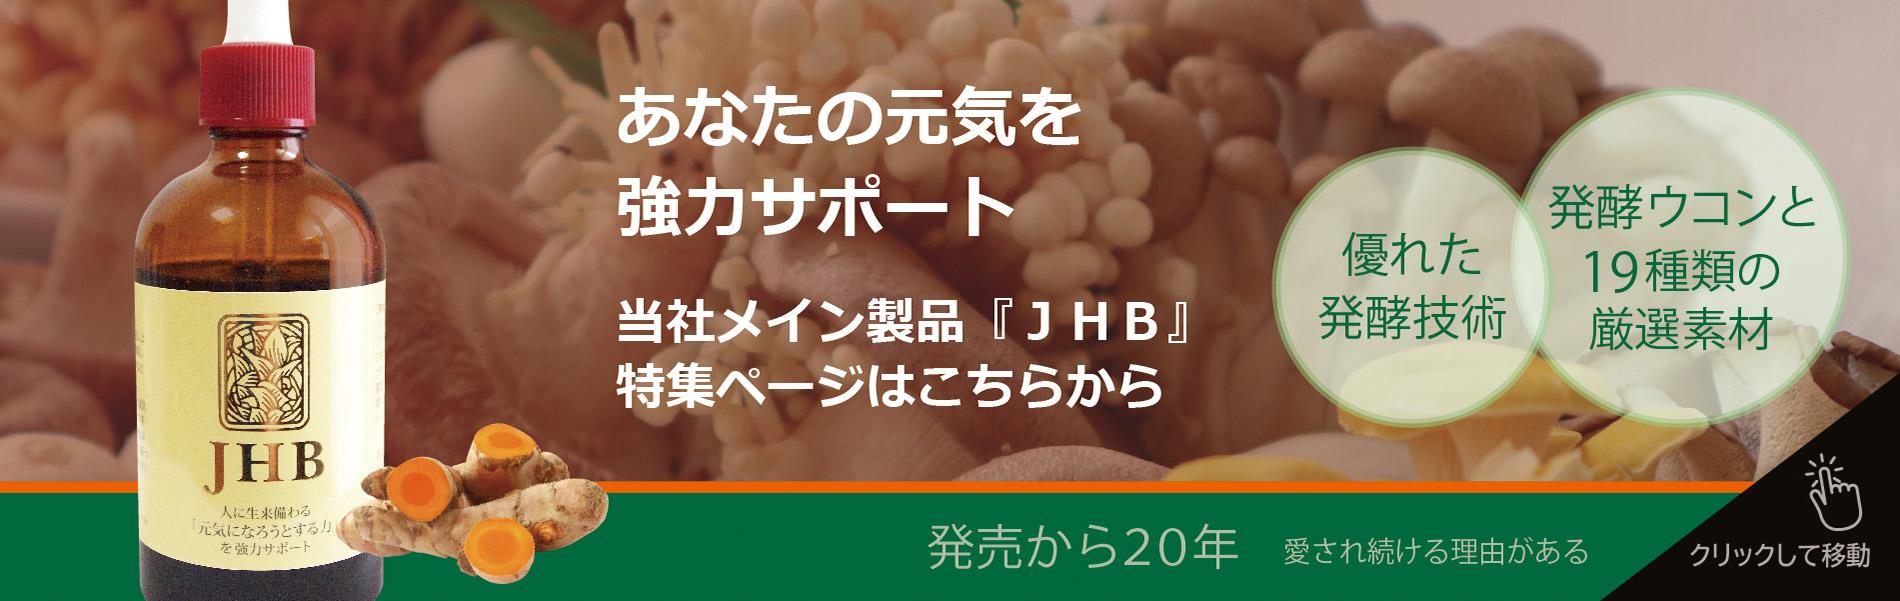 糸状菌醗酵ウコンと19種類の厳選素材